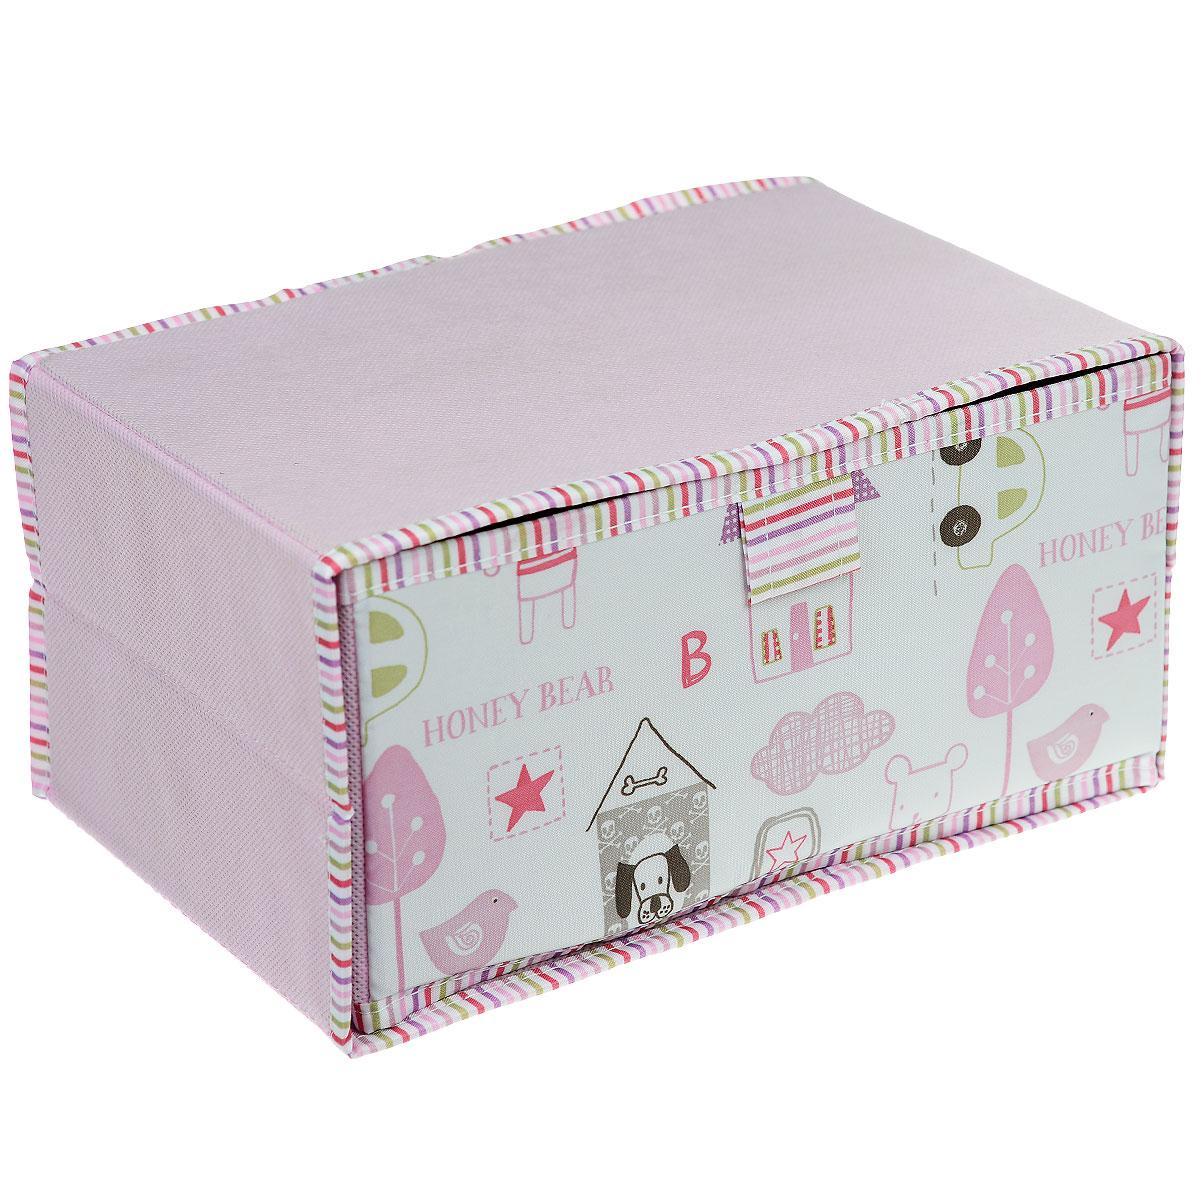 Чехол-коробка Cosatto Беби, цвет: розовый, 30 см х 20 см х 15 смCOVLCSBY10BЧехол-коробка Cosatto Беби поможет легко и красиво организовать пространство в детской комнате. Изделие выполнено из полиэстера и нетканого материала, прочность каркаса обеспечивается наличием внутри плотных и толстых листов картона. Внутреннее отделение выдвижное. Такой чехол идеально подойдет для хранения игрушек и детских вещей и защитит их от грязи и пыли. Яркий дизайн изделия привлечет внимание ребенка и вызовет у него желание самостоятельно убирать игрушки. Складная конструкция обеспечивает компактное хранение.